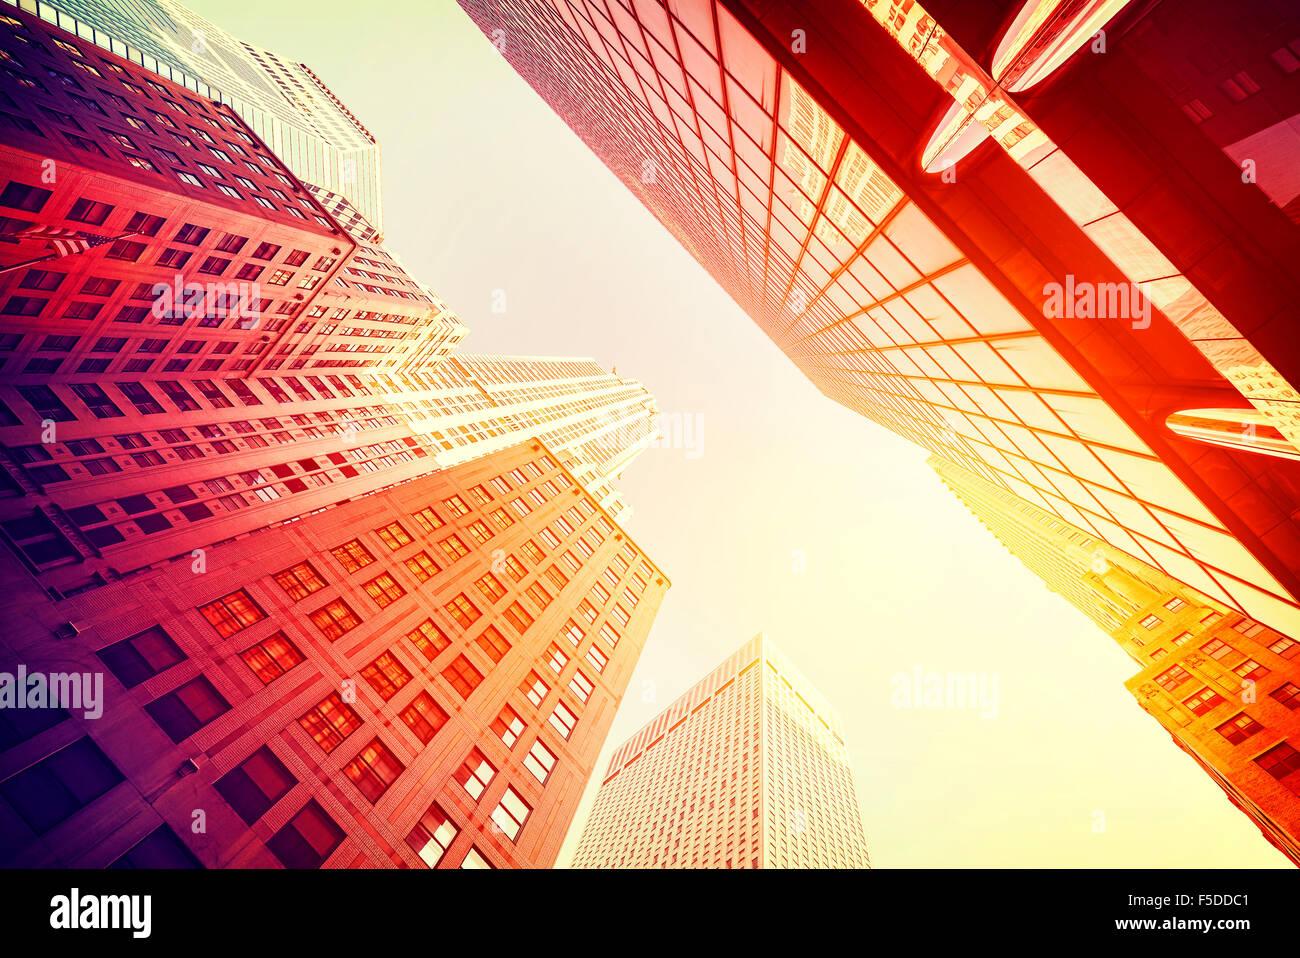 In stile vintage grattacieli di Manhattan al tramonto, NYC, Stati Uniti d'America. Immagini Stock